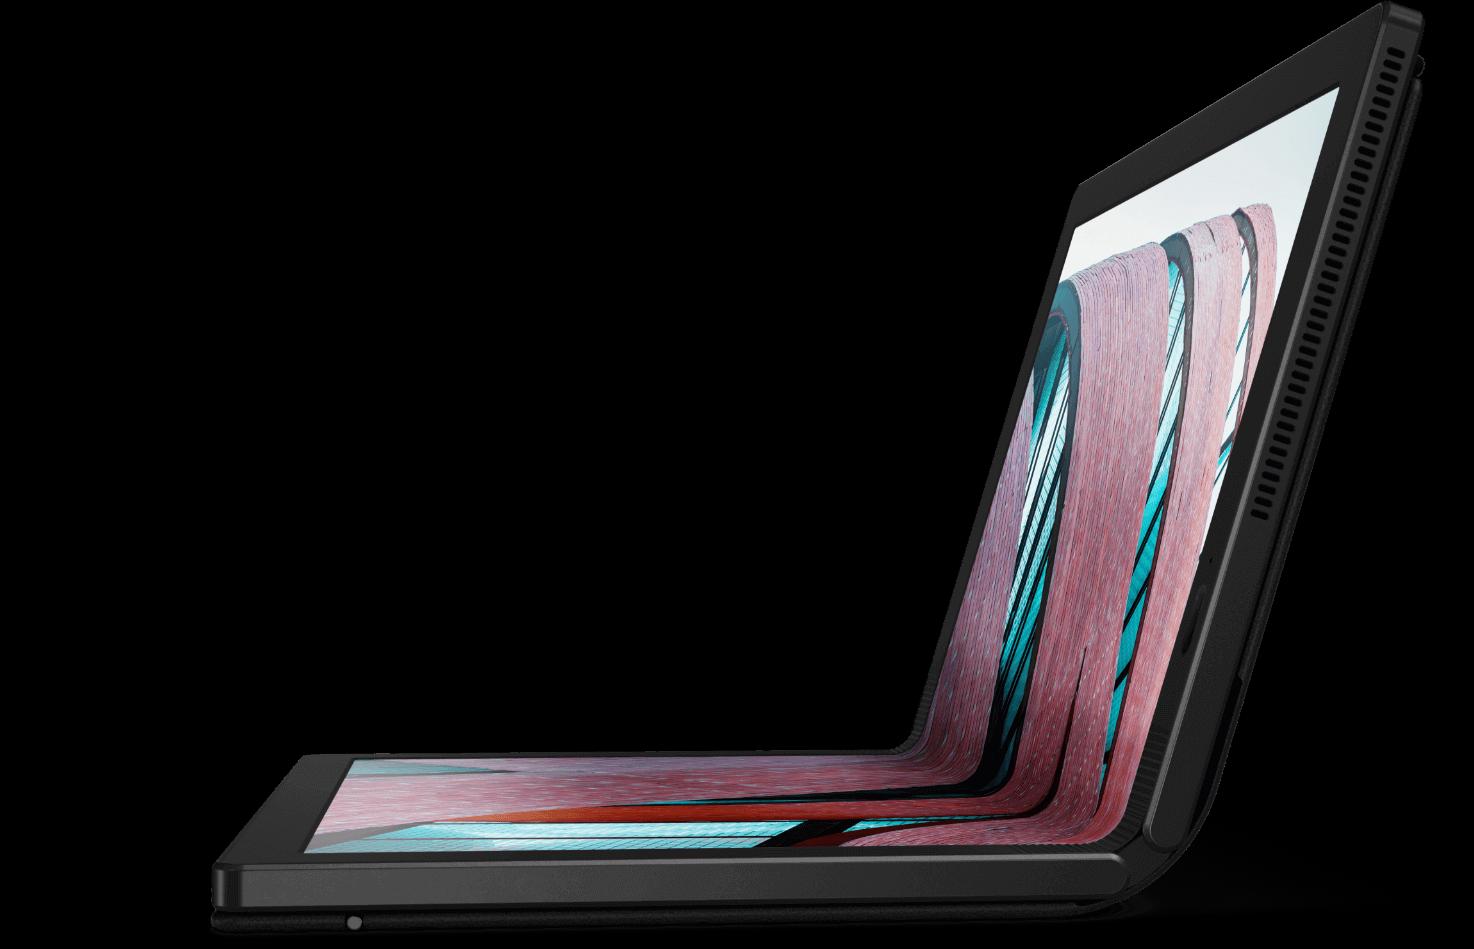 Vista del lado izquierdo de Lenovo ThinkPad X1 Fold abierta a unos 95 grados.